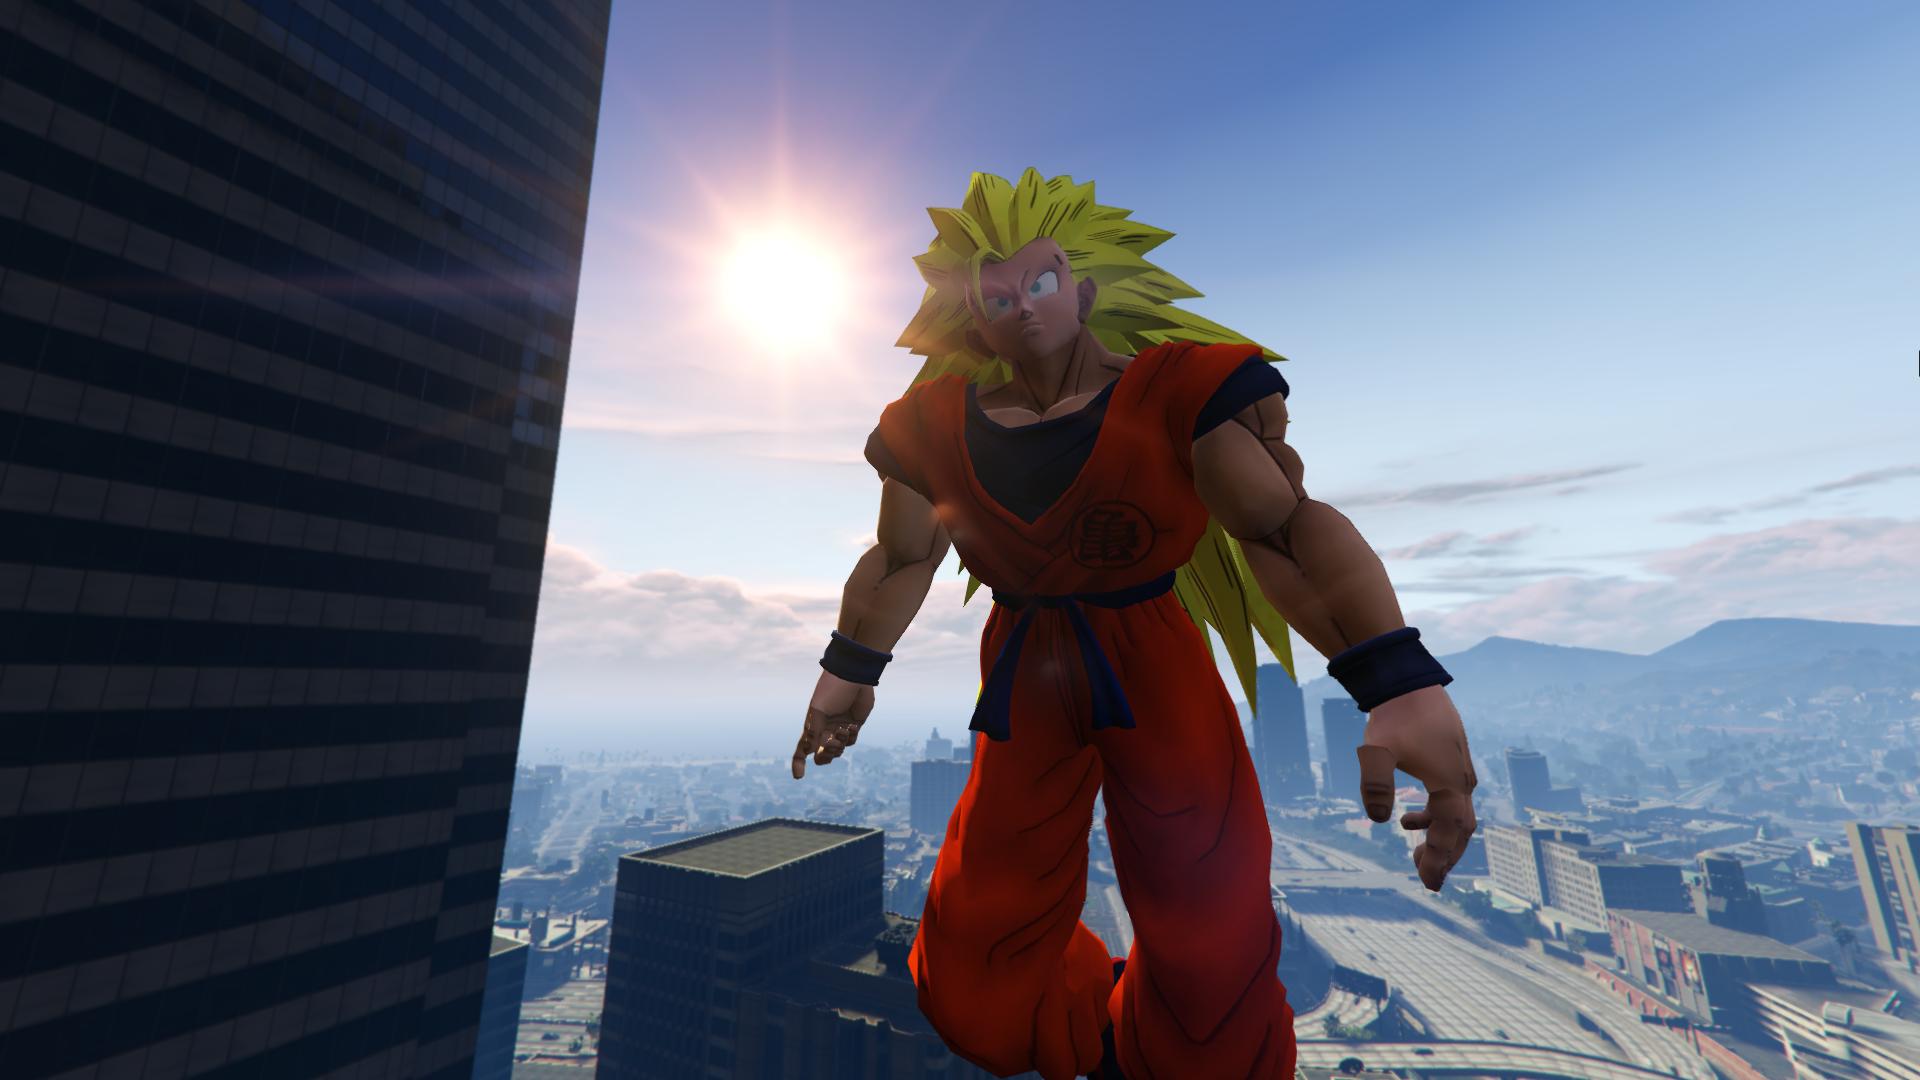 Dragon Ball Z Goku - GTA5-Mods com